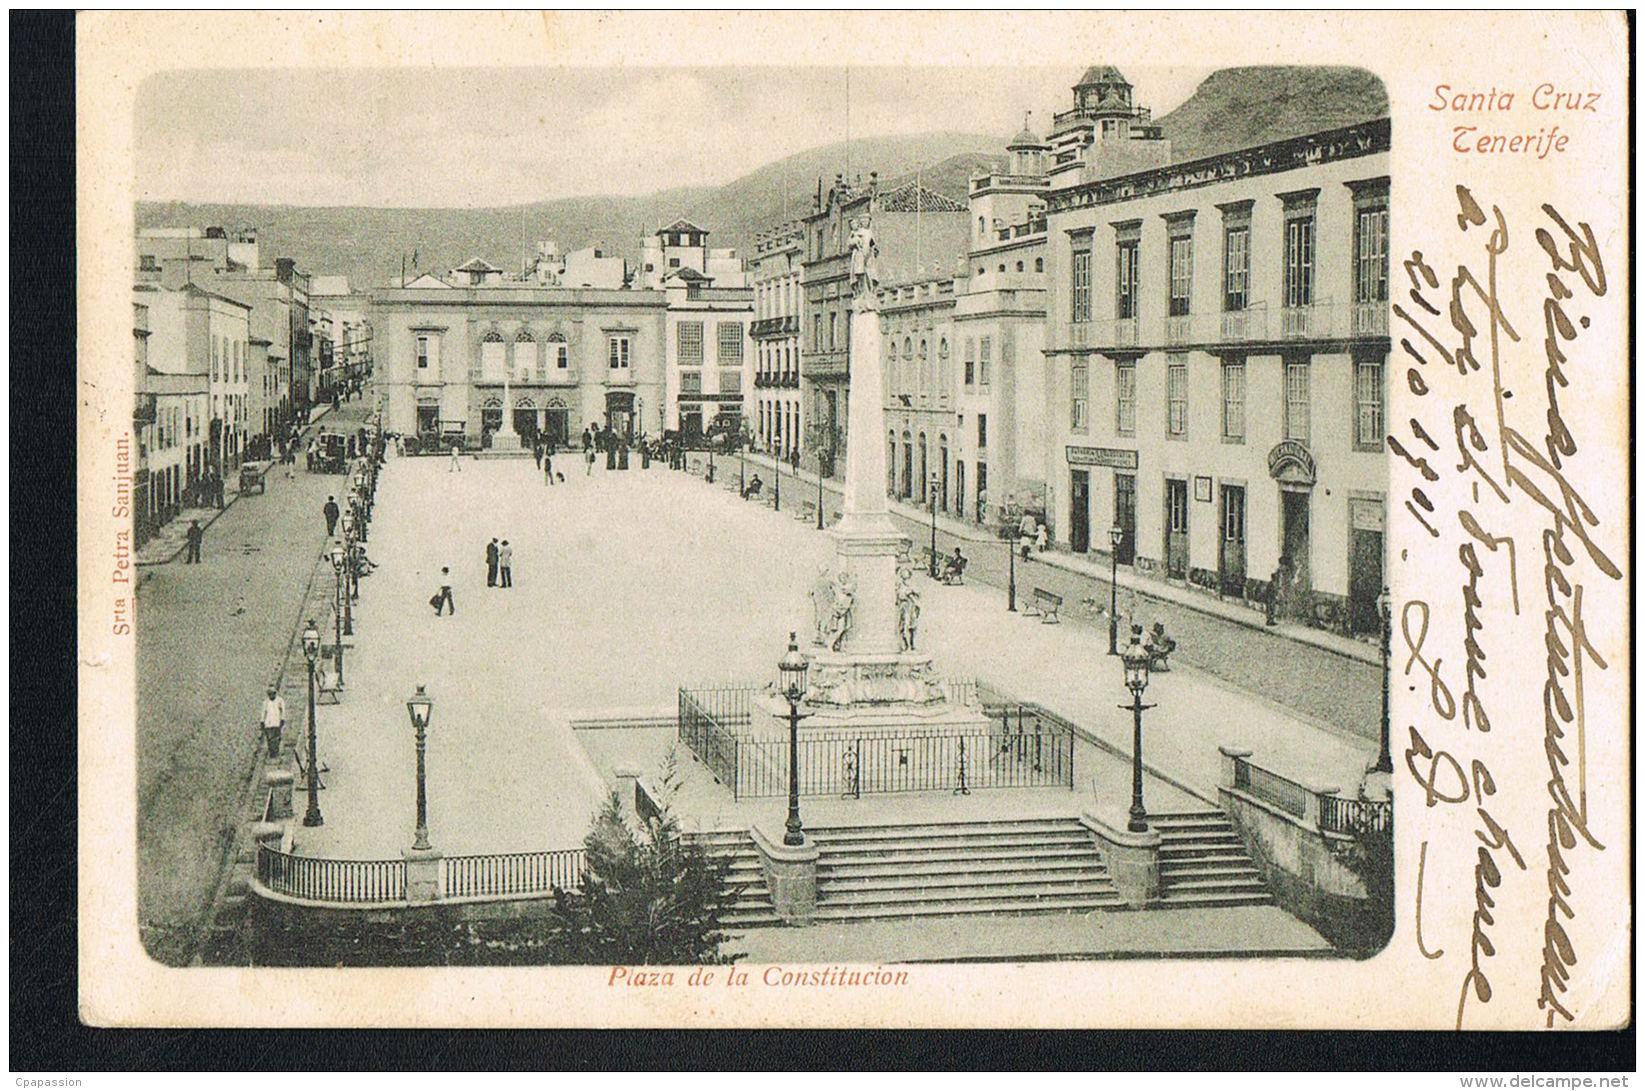 SANTA CRUZ - TENERIFE - CANARIAS _ Plaza De La Constitucion-  Voyagée -Recto Verso - Paypal Free - Tenerife